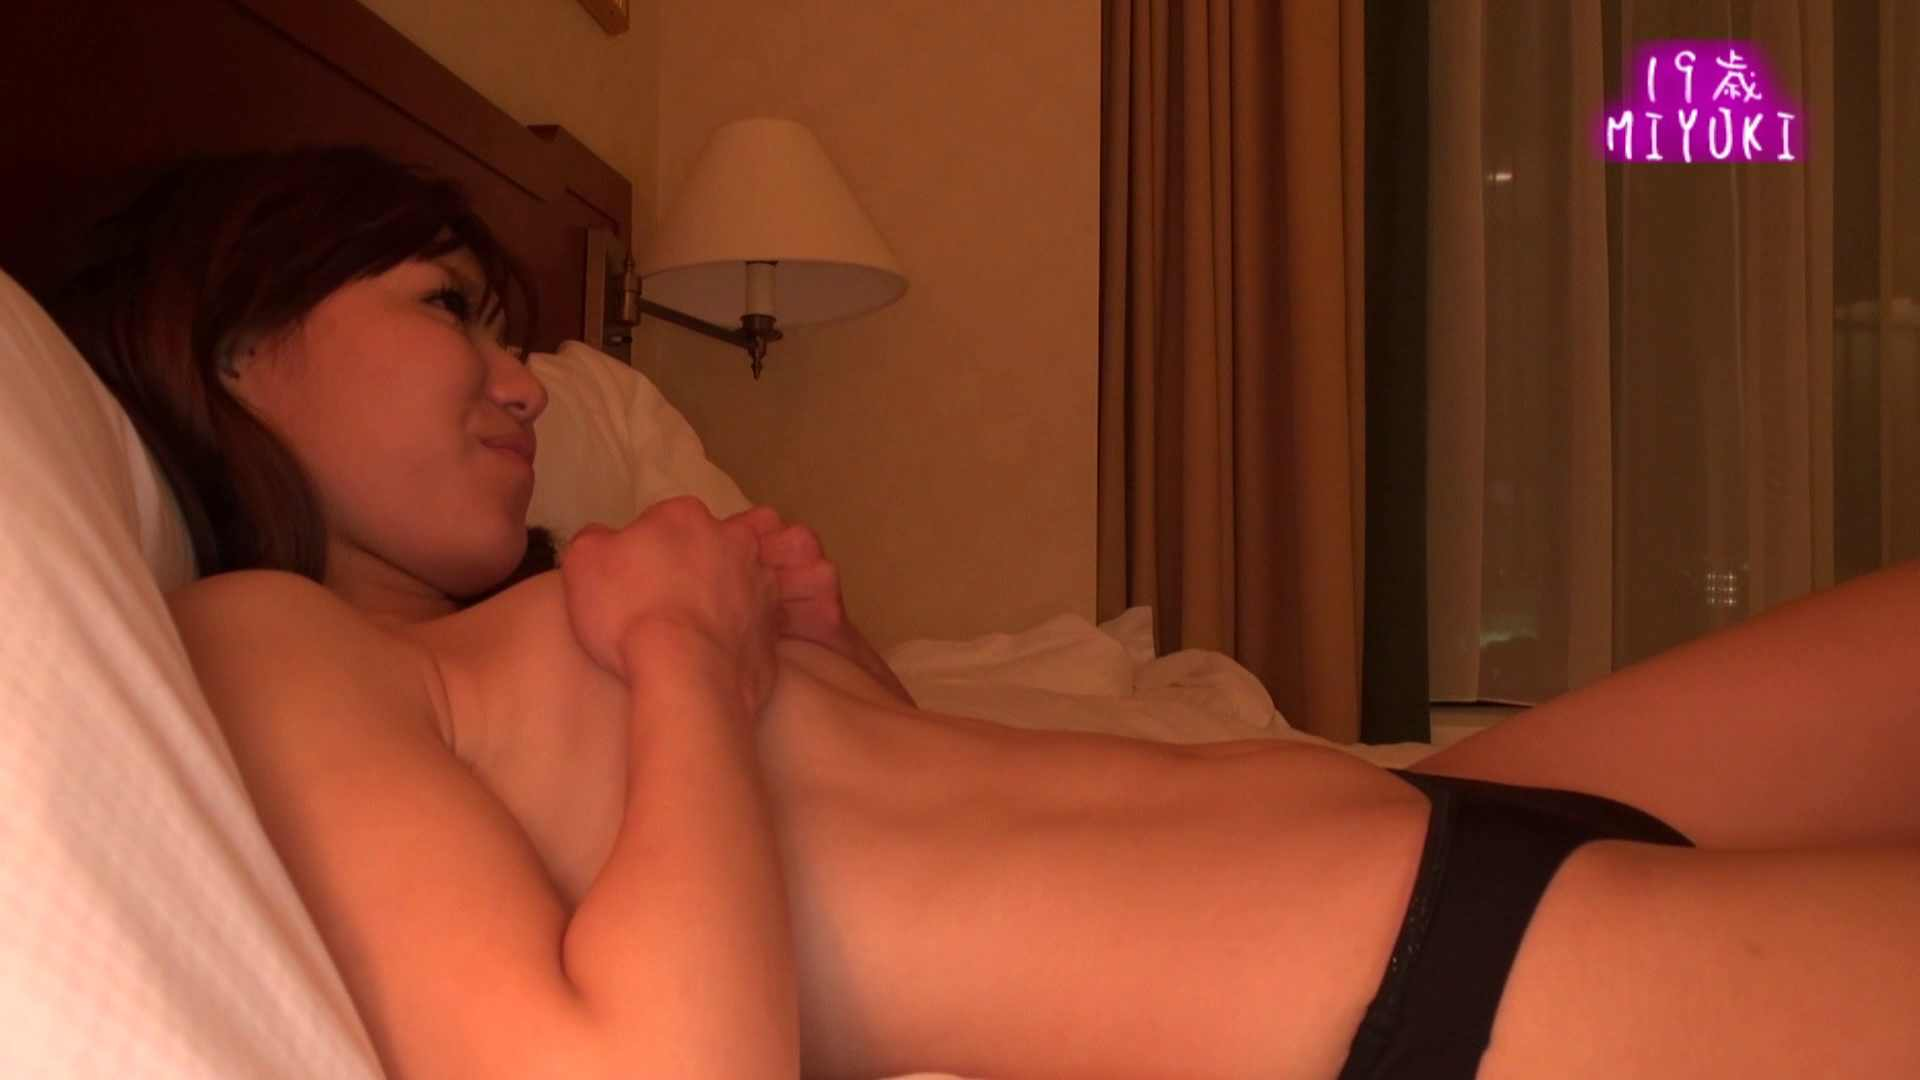 MIYUKIちゃんに男優さんがエロマッサージ メーカー直接買い取り | マッサージ  69画像 69